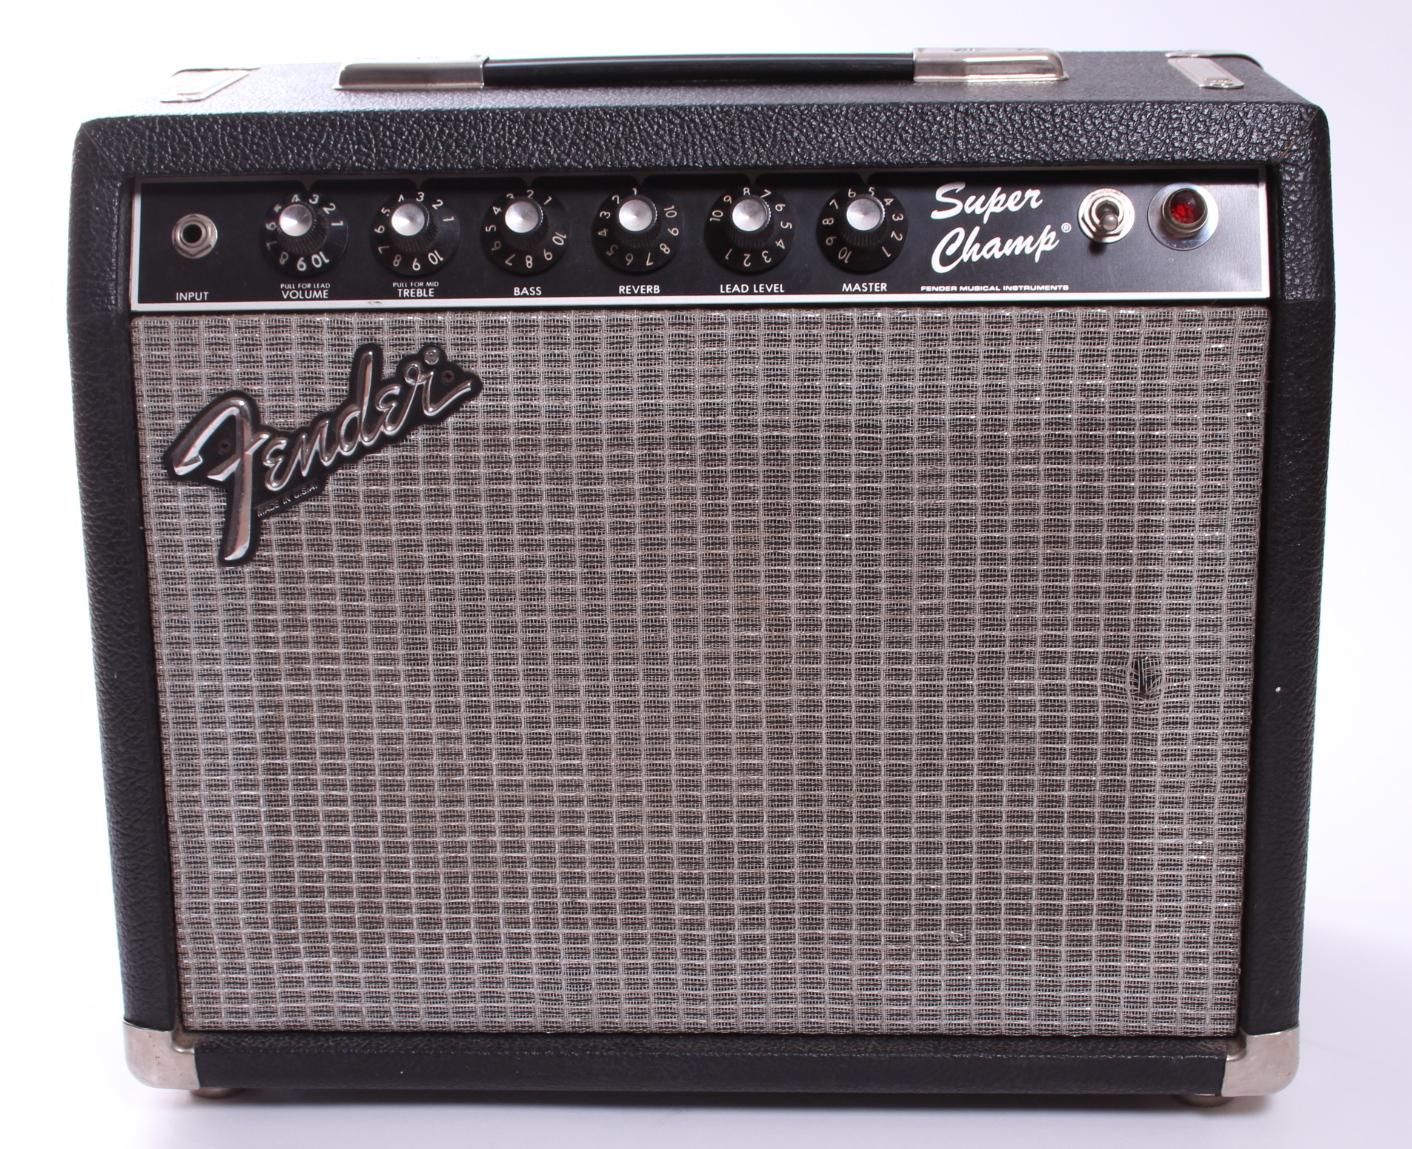 fender super champ 1984 black amp for sale yeahman 39 s guitars. Black Bedroom Furniture Sets. Home Design Ideas